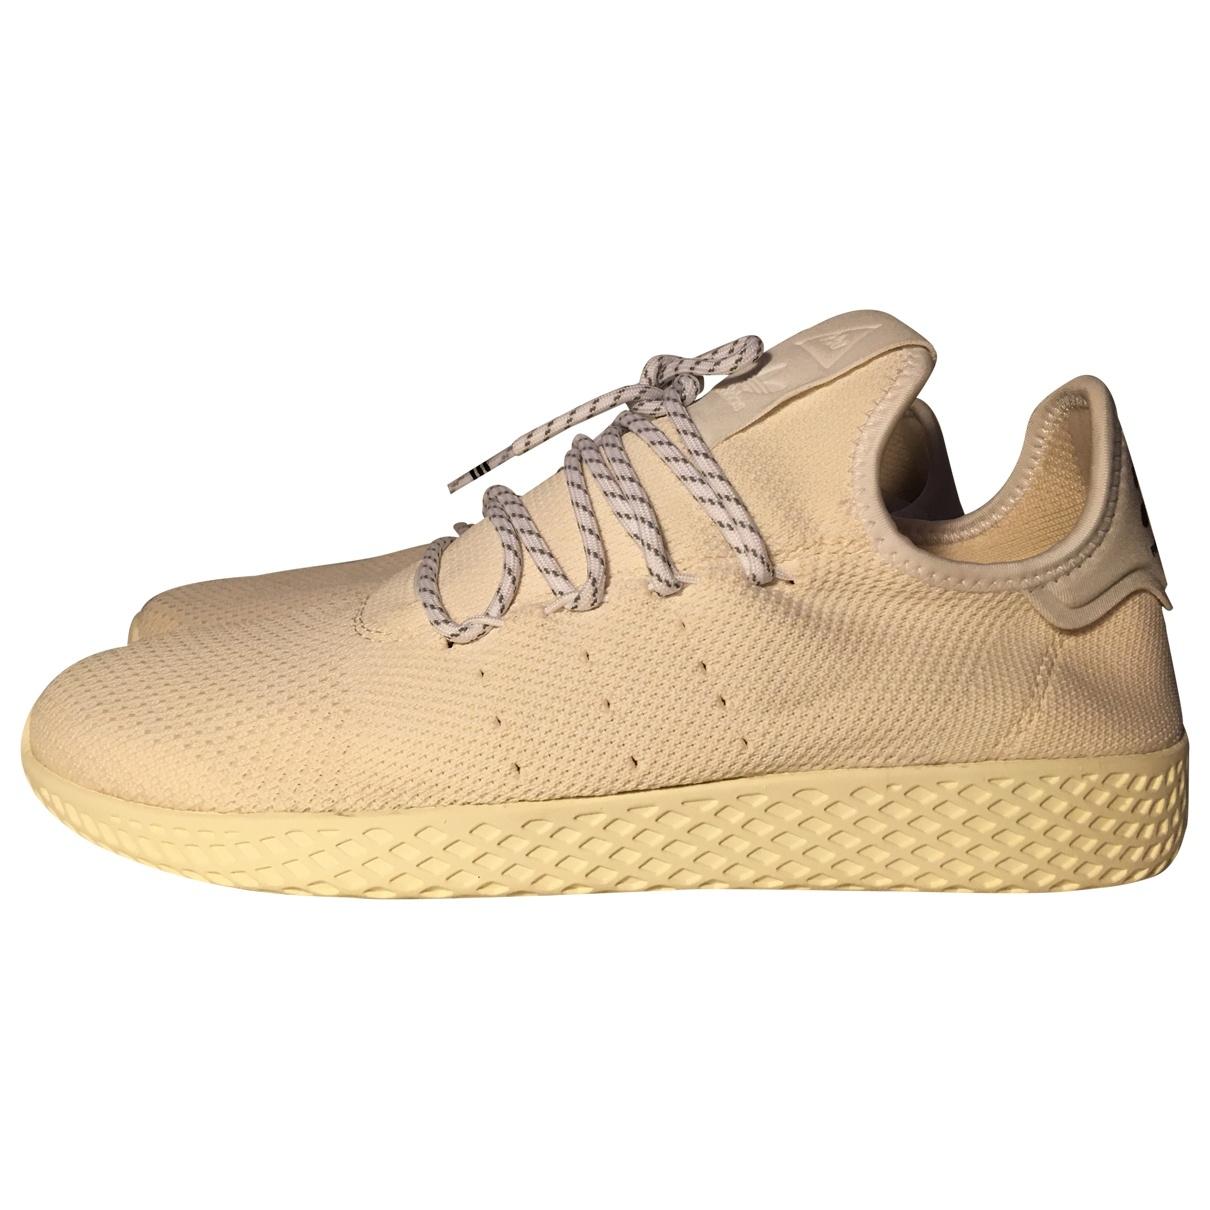 Adidas - Baskets   pour homme en caoutchouc - blanc